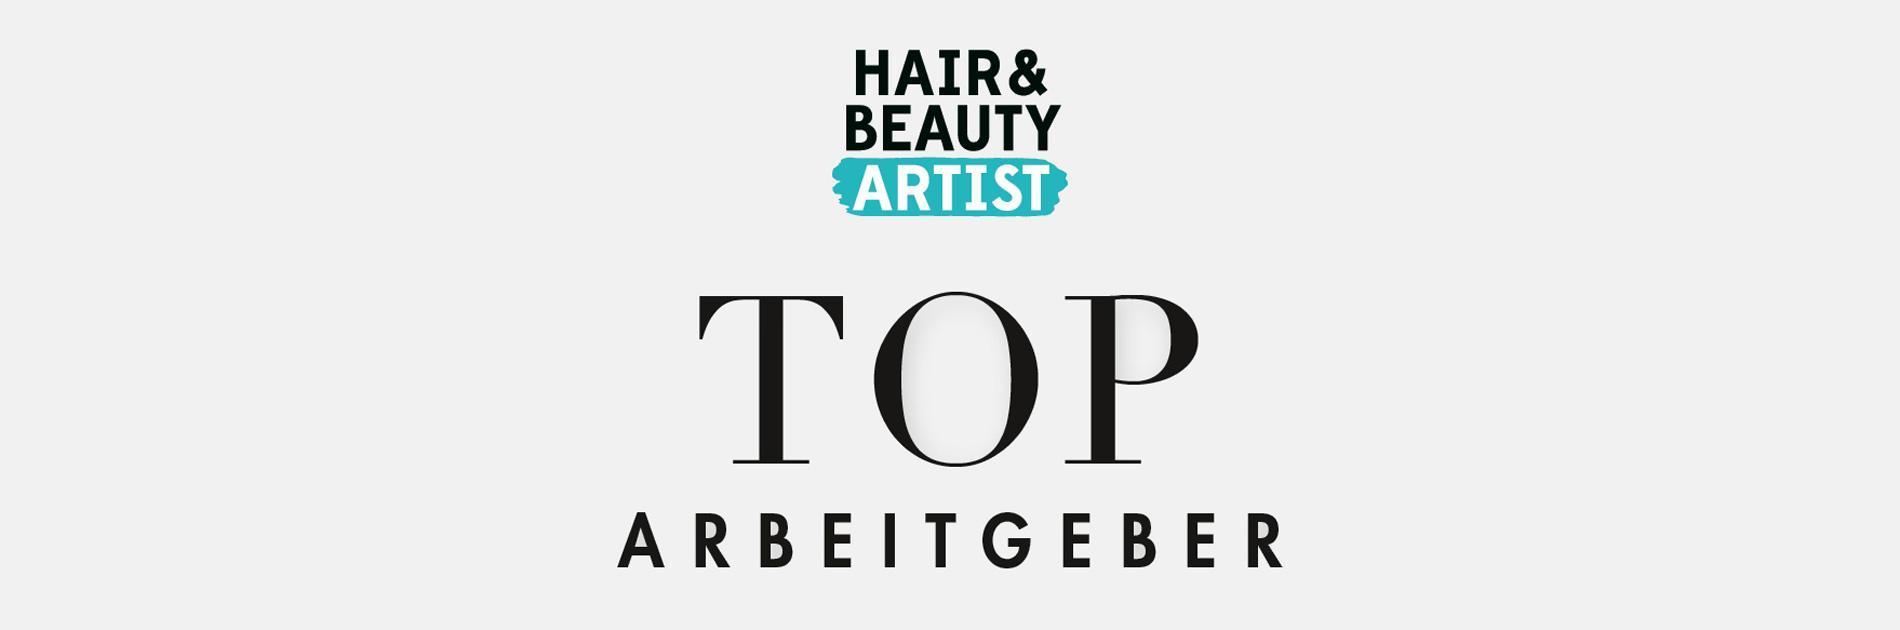 TOP-Arbeitgeber - Salon Birgit Gmeiner im Salzkammergut